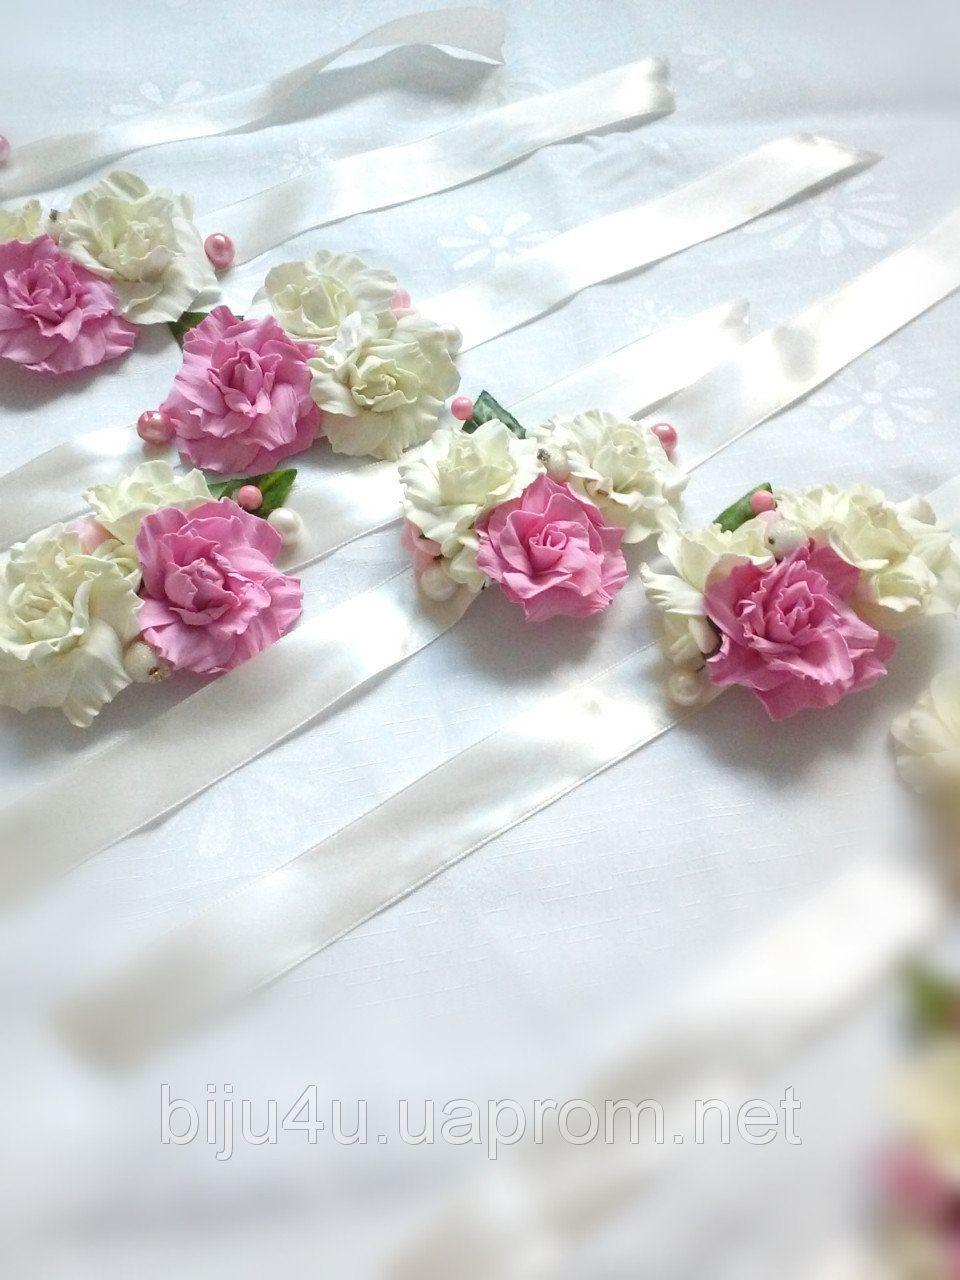 Свадебные цветы на украшения купить киев где можно купить тюльпаны осенью